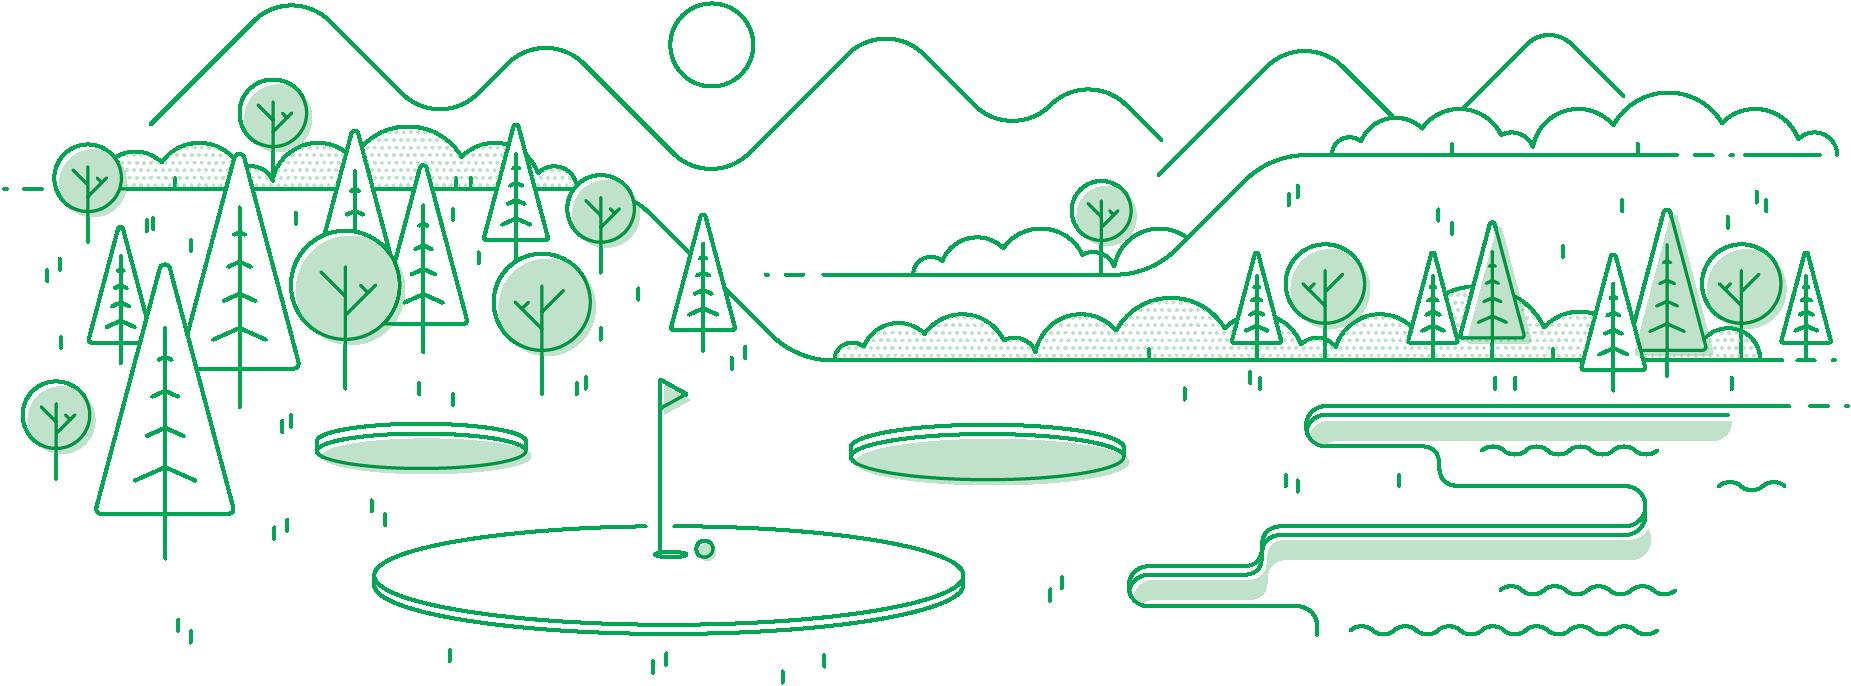 illustration of golf field